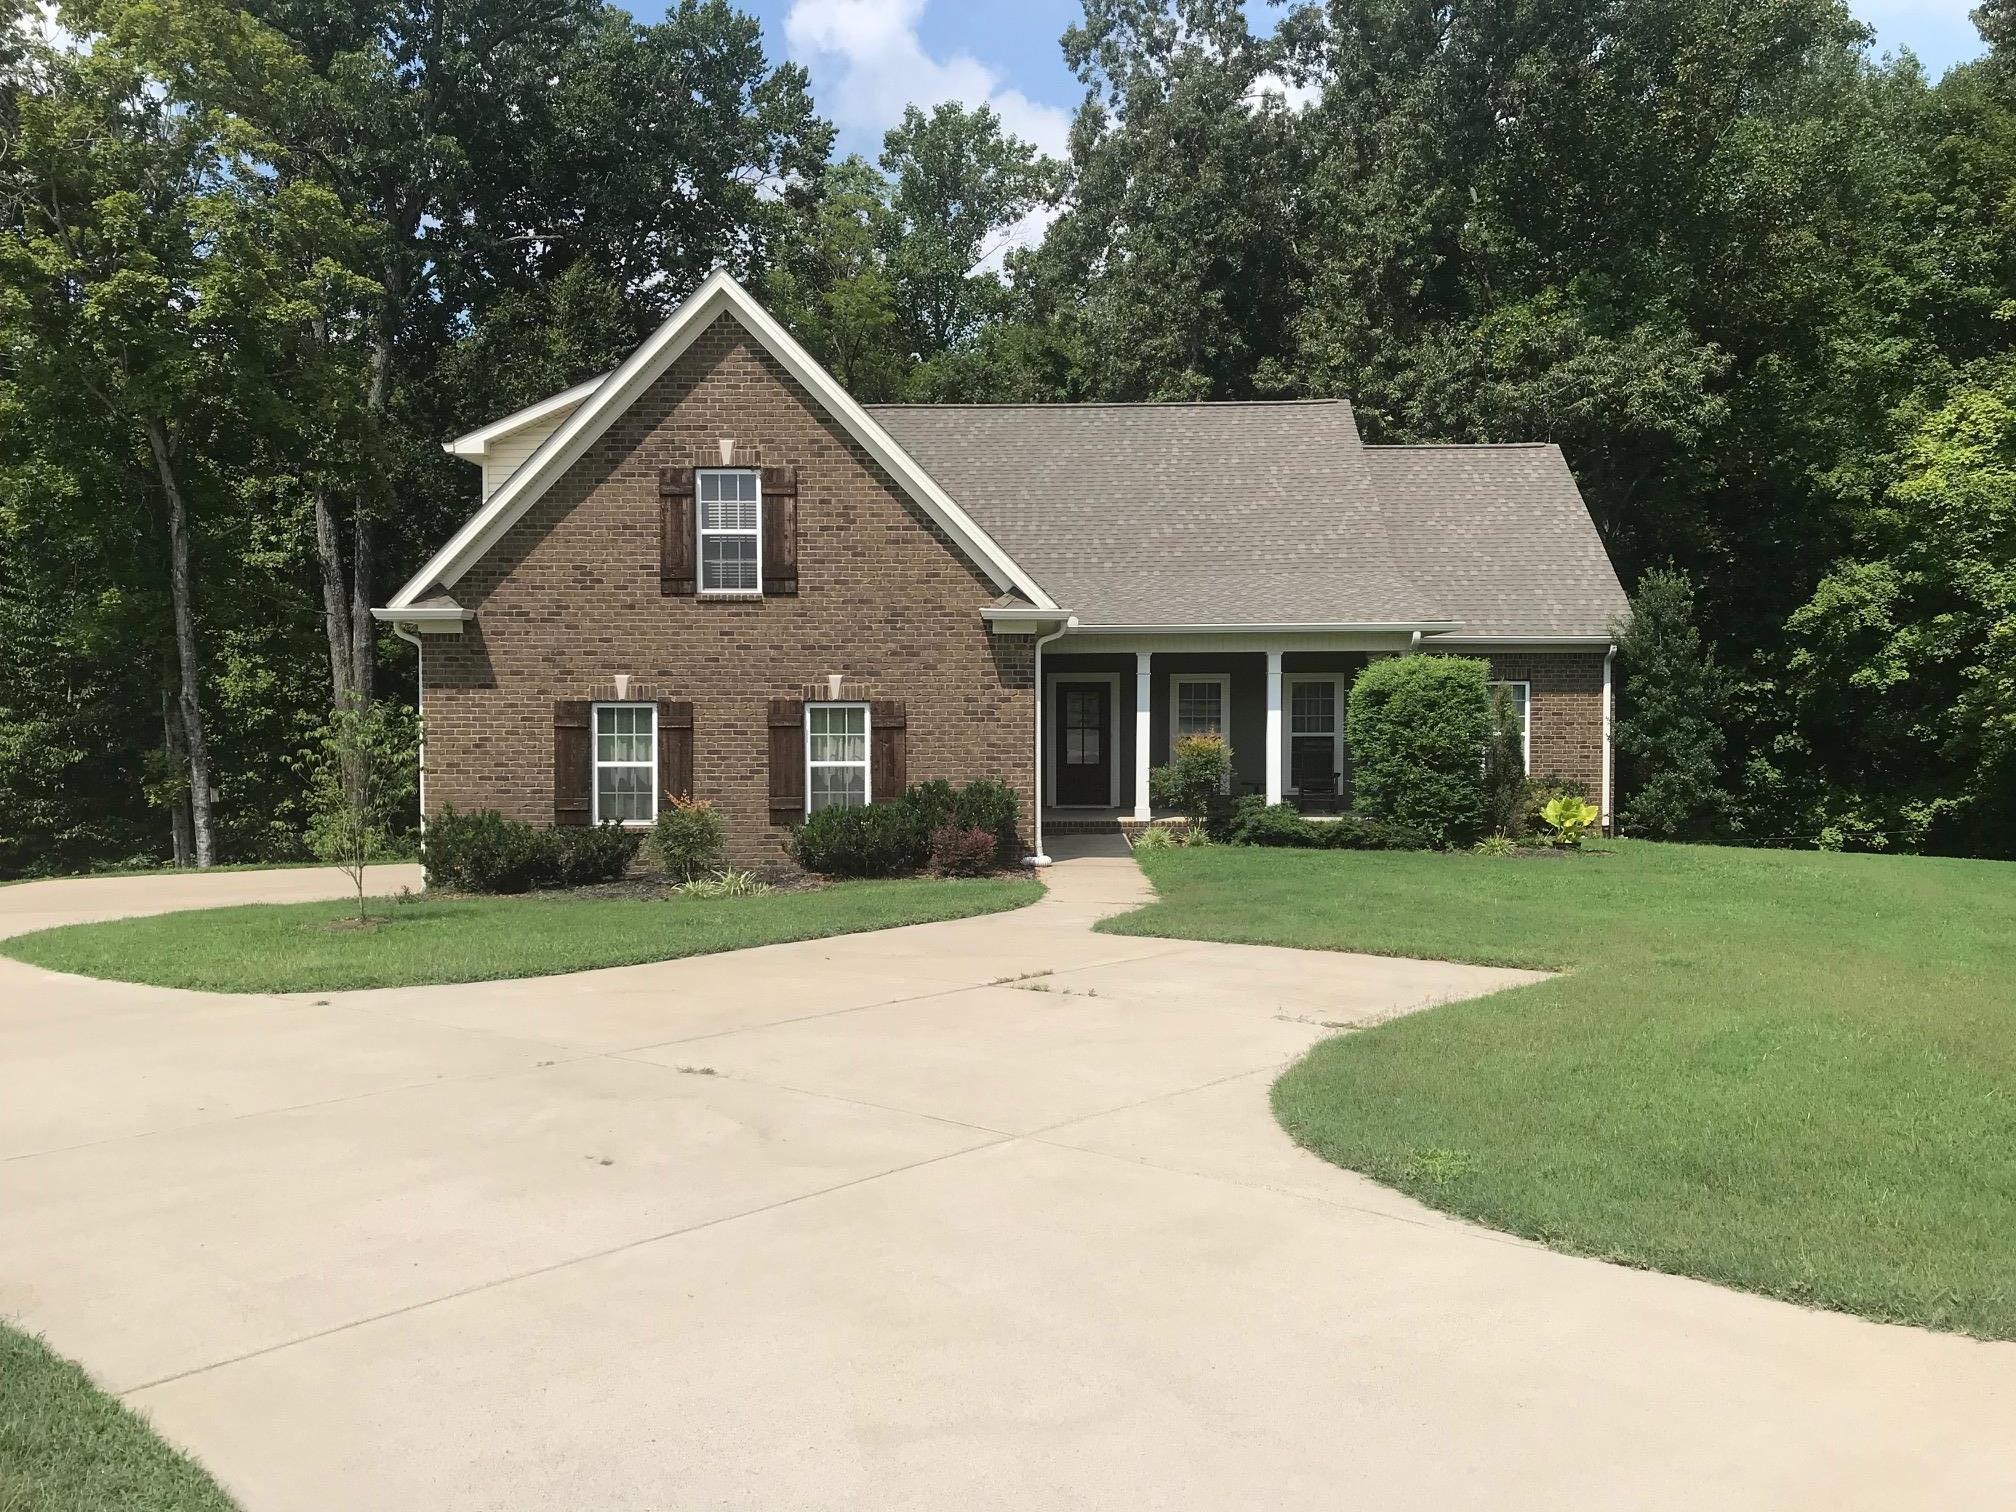 112 Chickasaw Ct, Clarksville, TN 37043